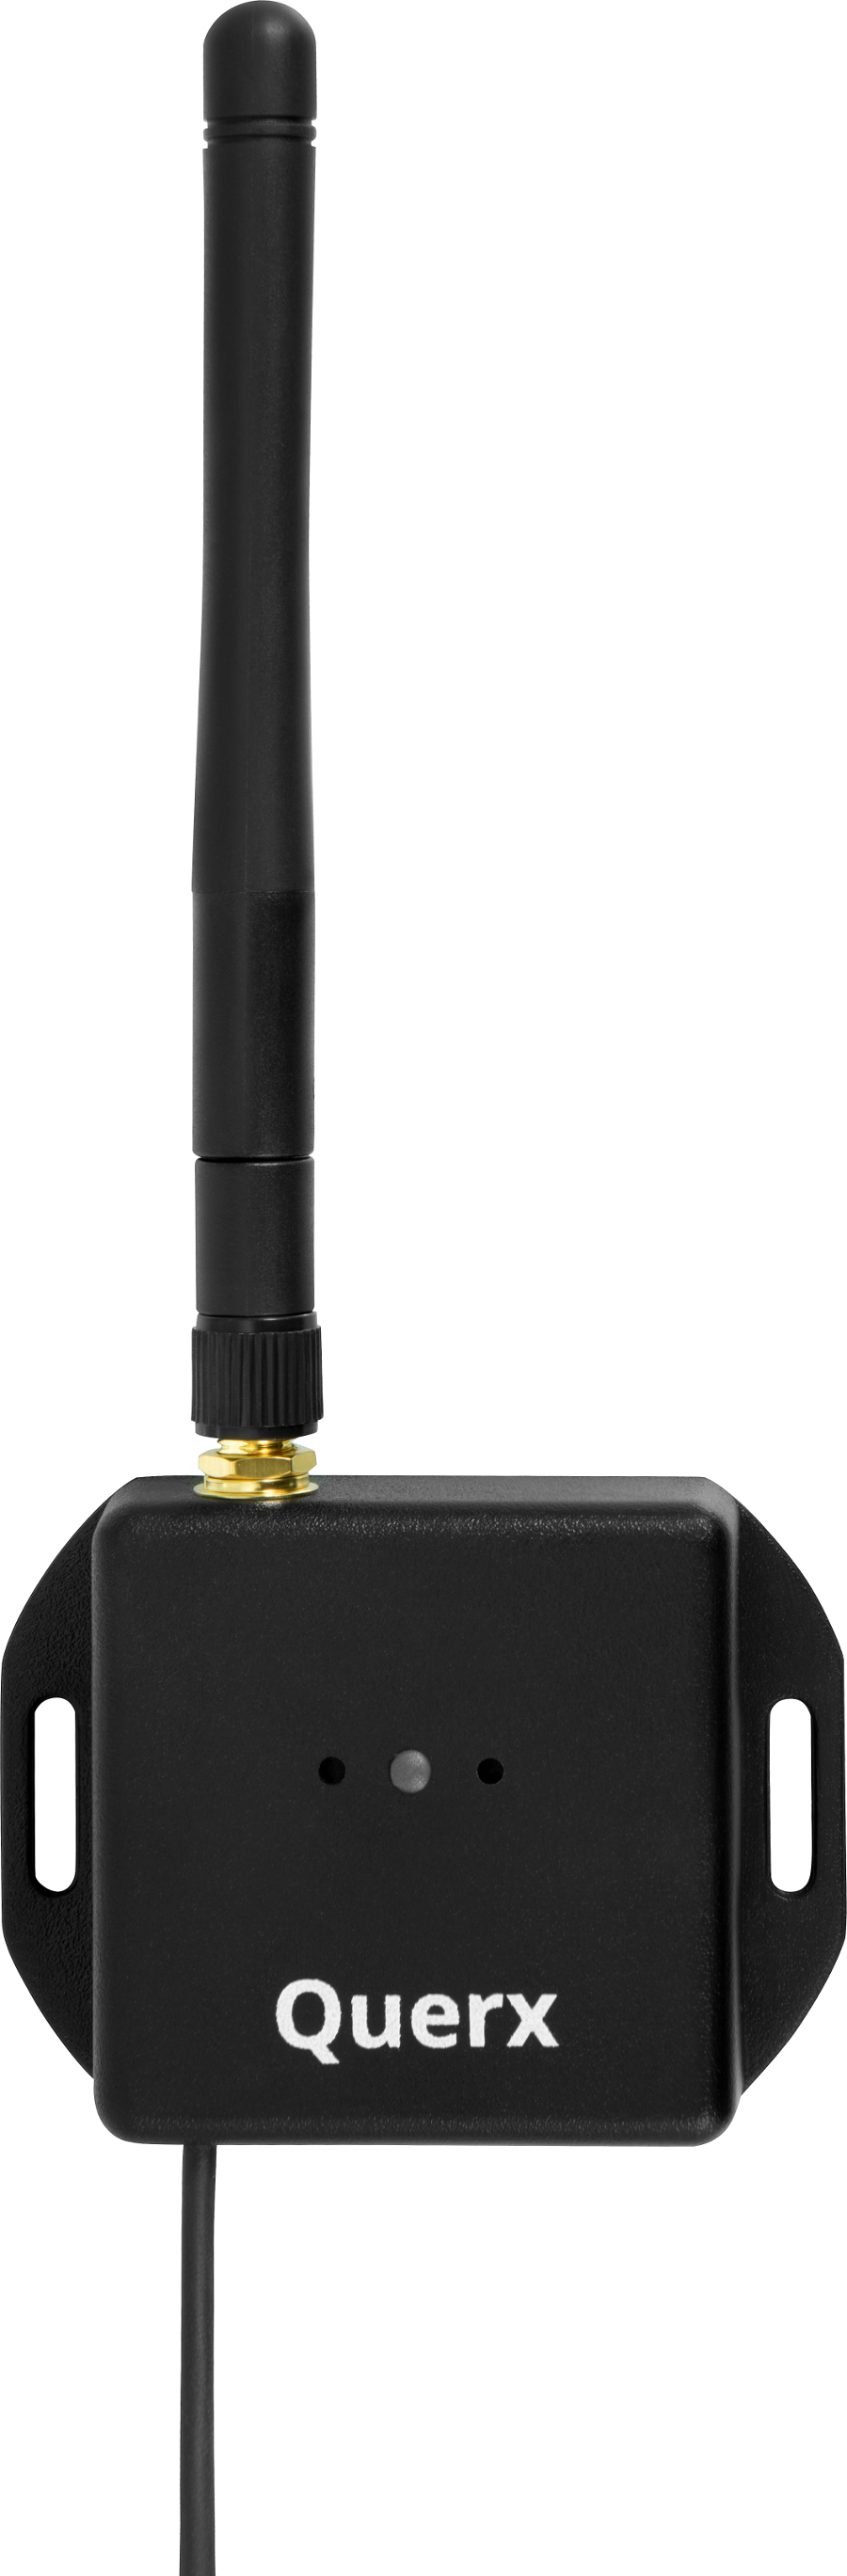 egnite - Querx WLAN Thermometer und Datenlogger